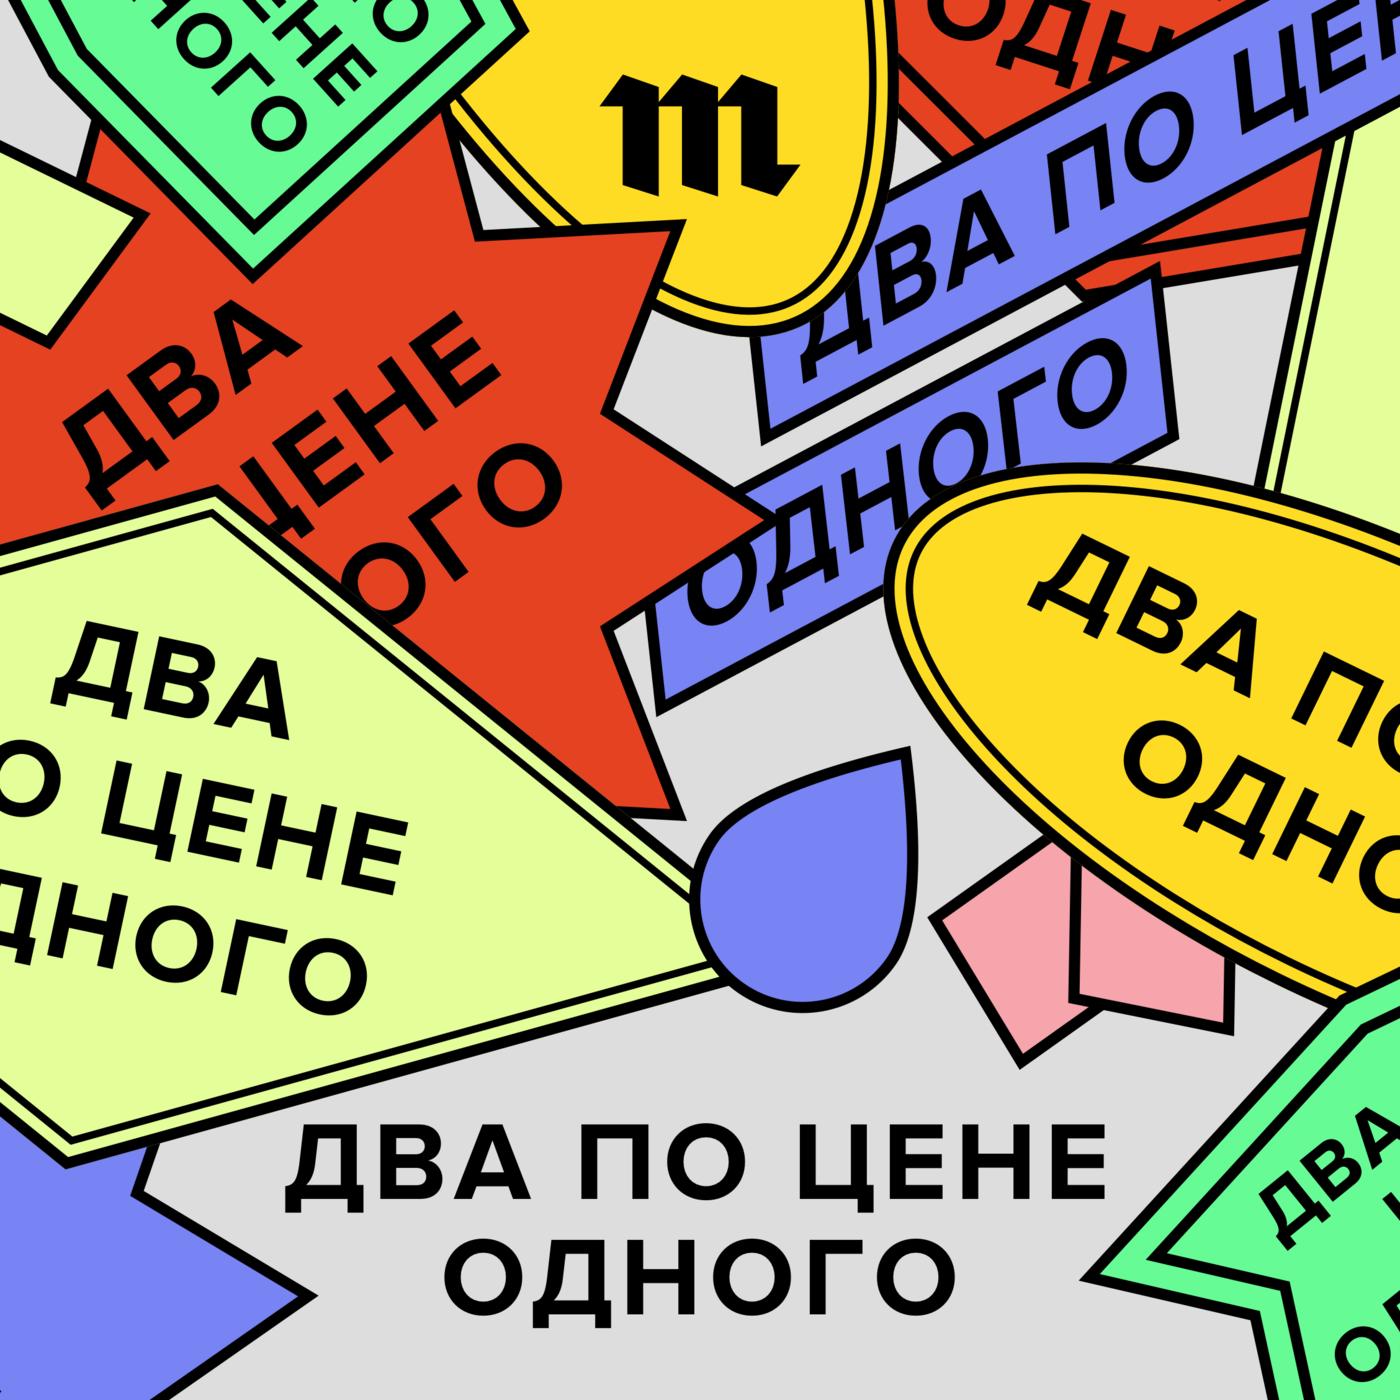 Илья Красильщик Как правильно путешествовать — планируя или спонтанно? цены онлайн